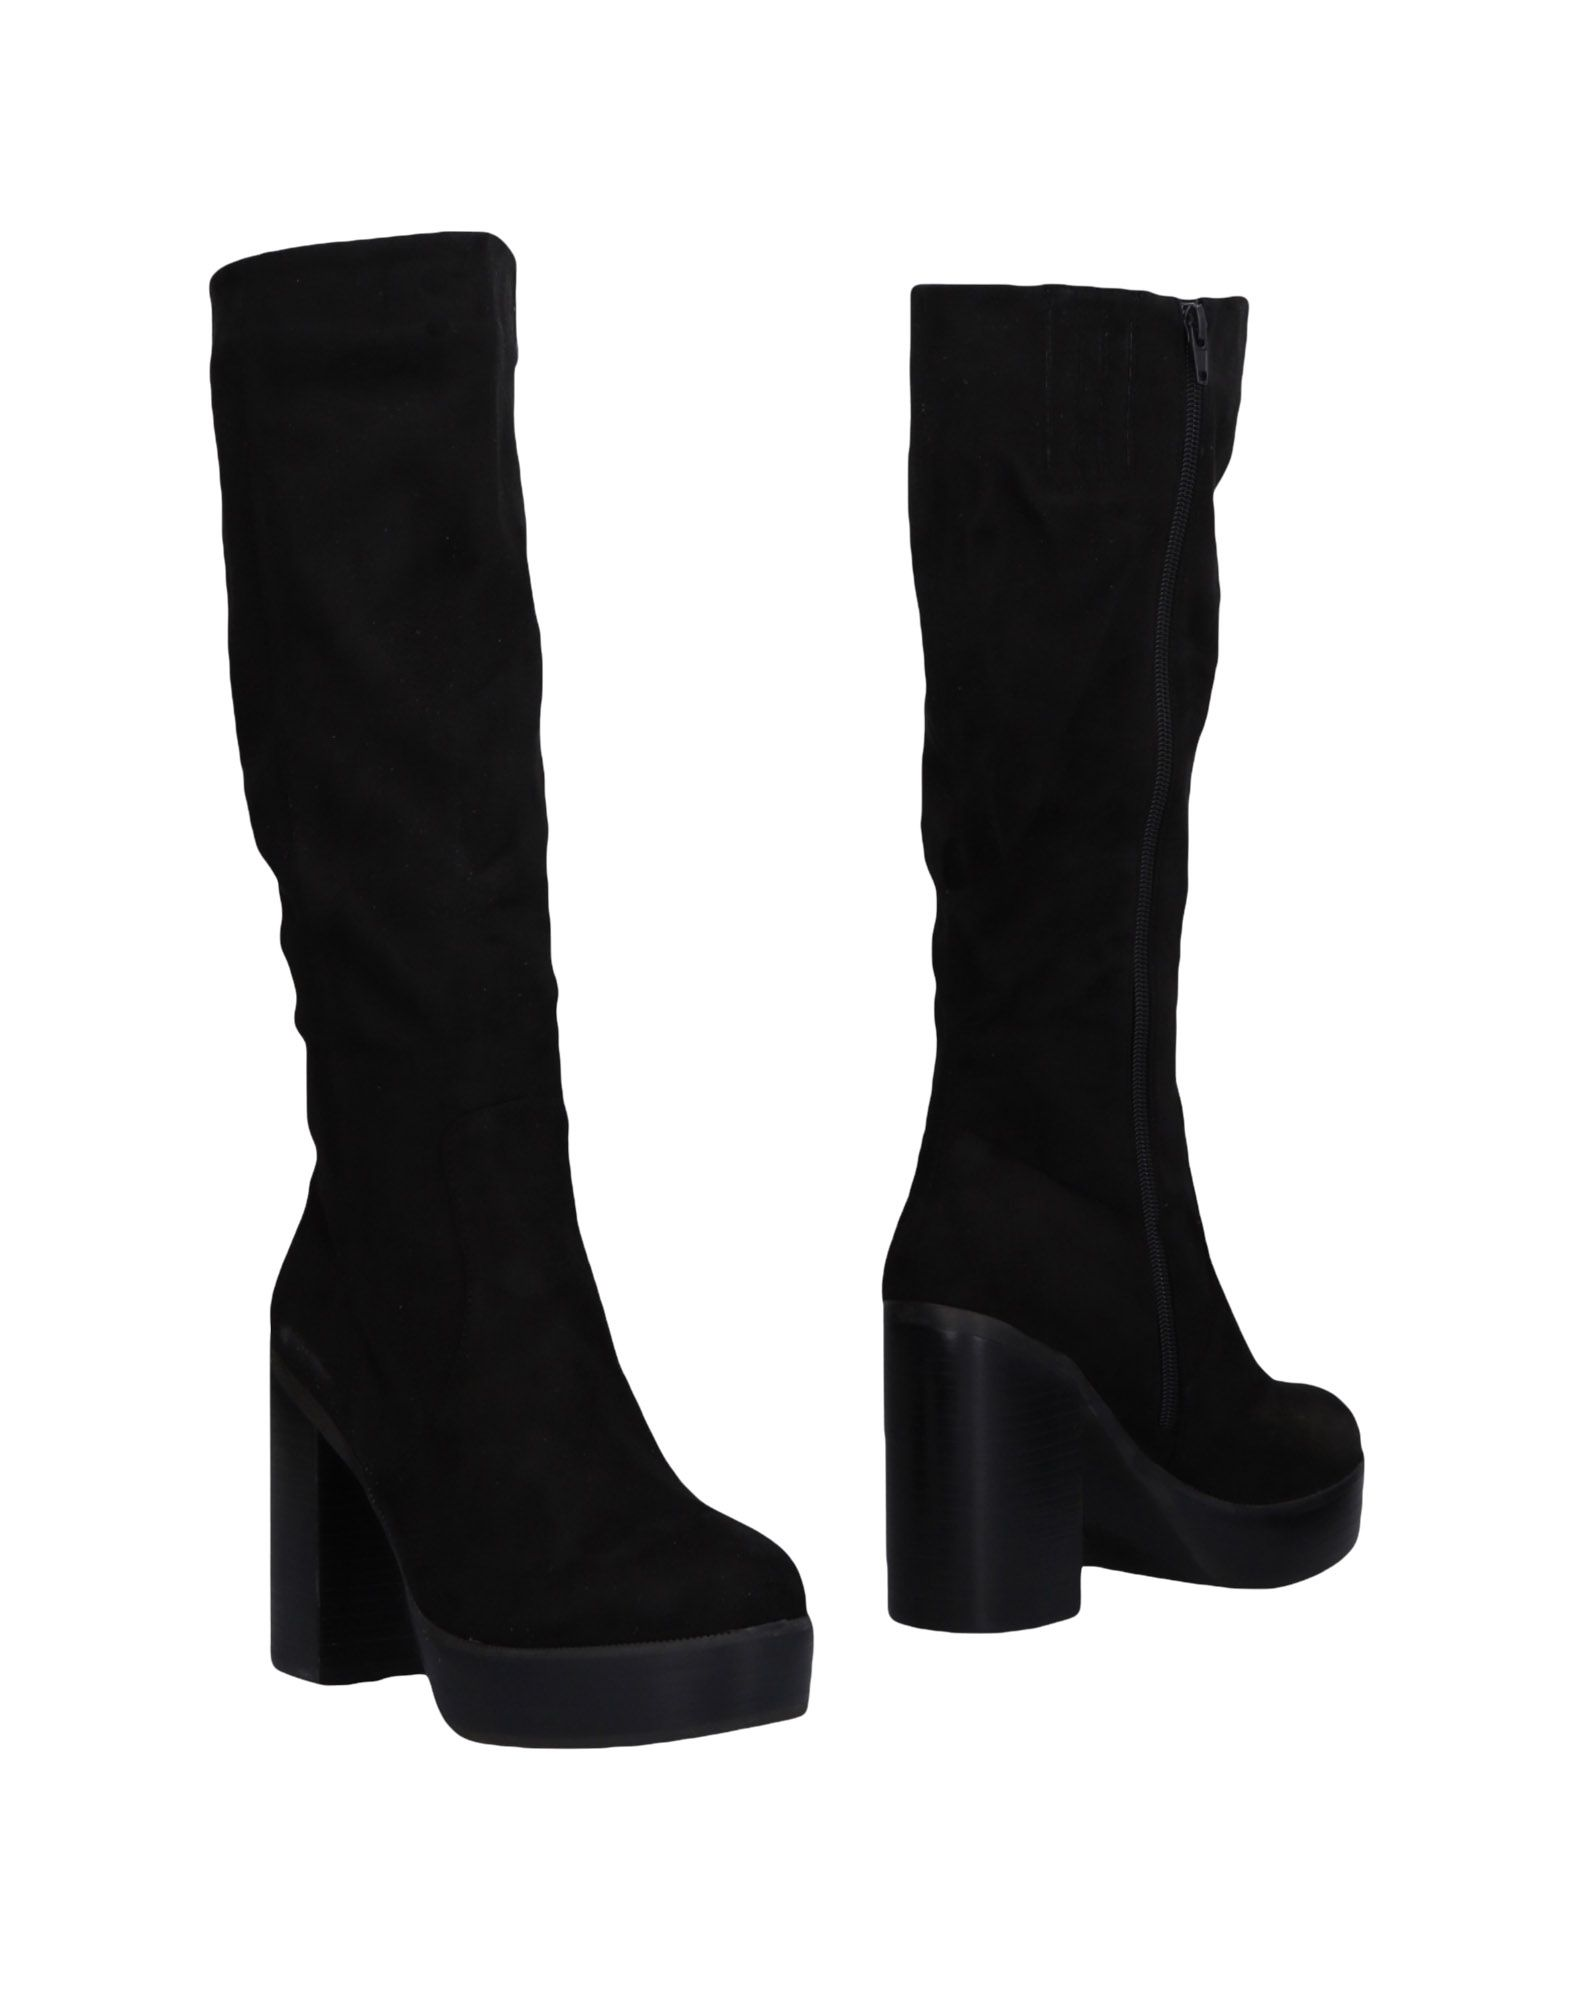 Police 883 Stiefel Damen  11475575DM Gute Qualität beliebte Schuhe